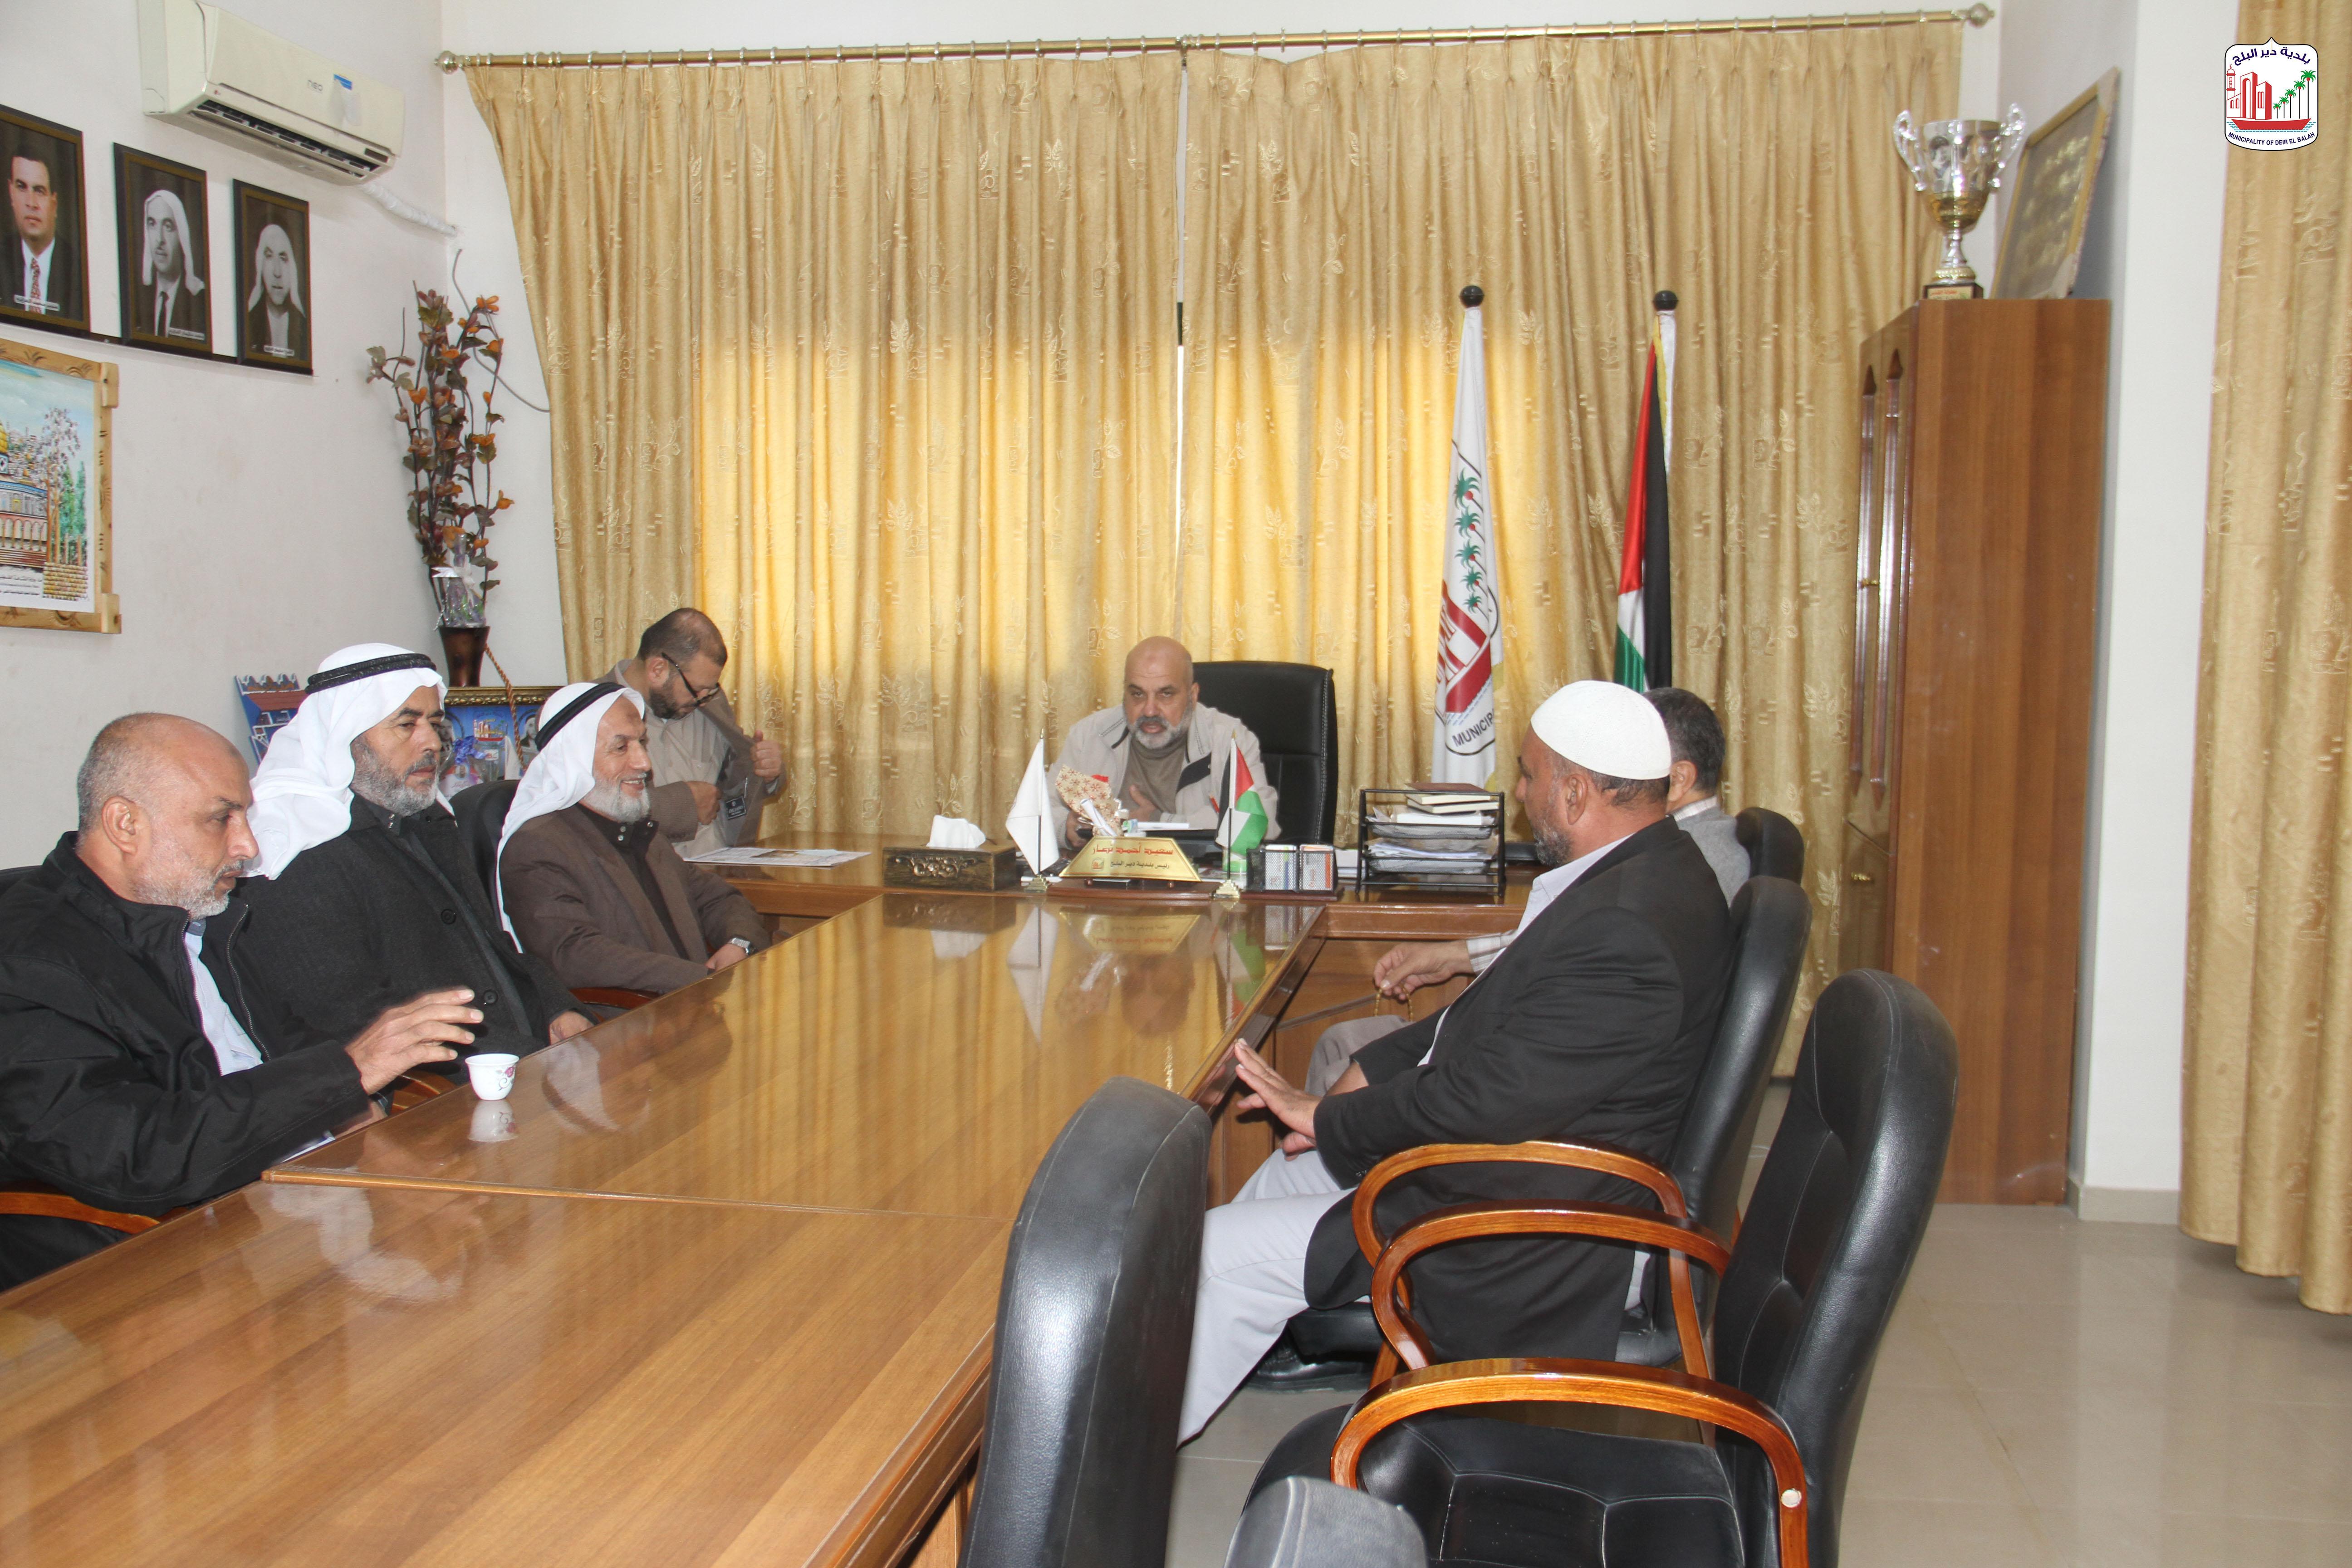 رئيس البلدية يستقبل وفد من لجنة حي حكر الجامع